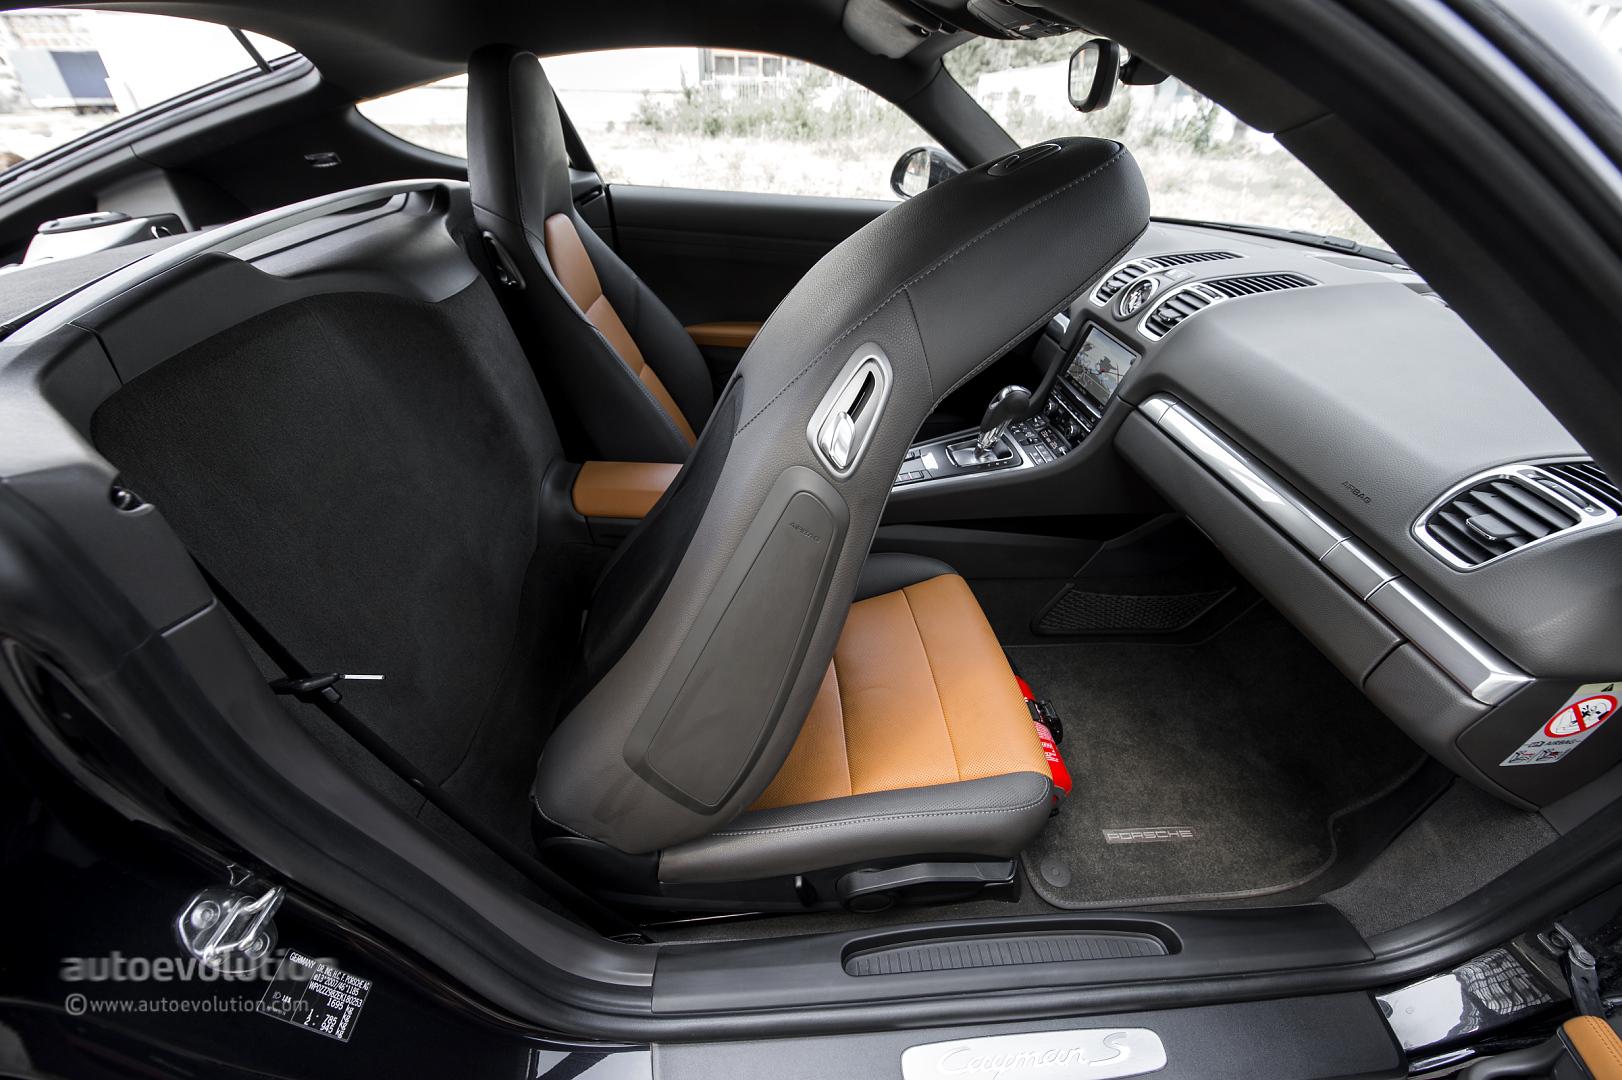 2014 PORSCHE Cayman S Review - autoevolution